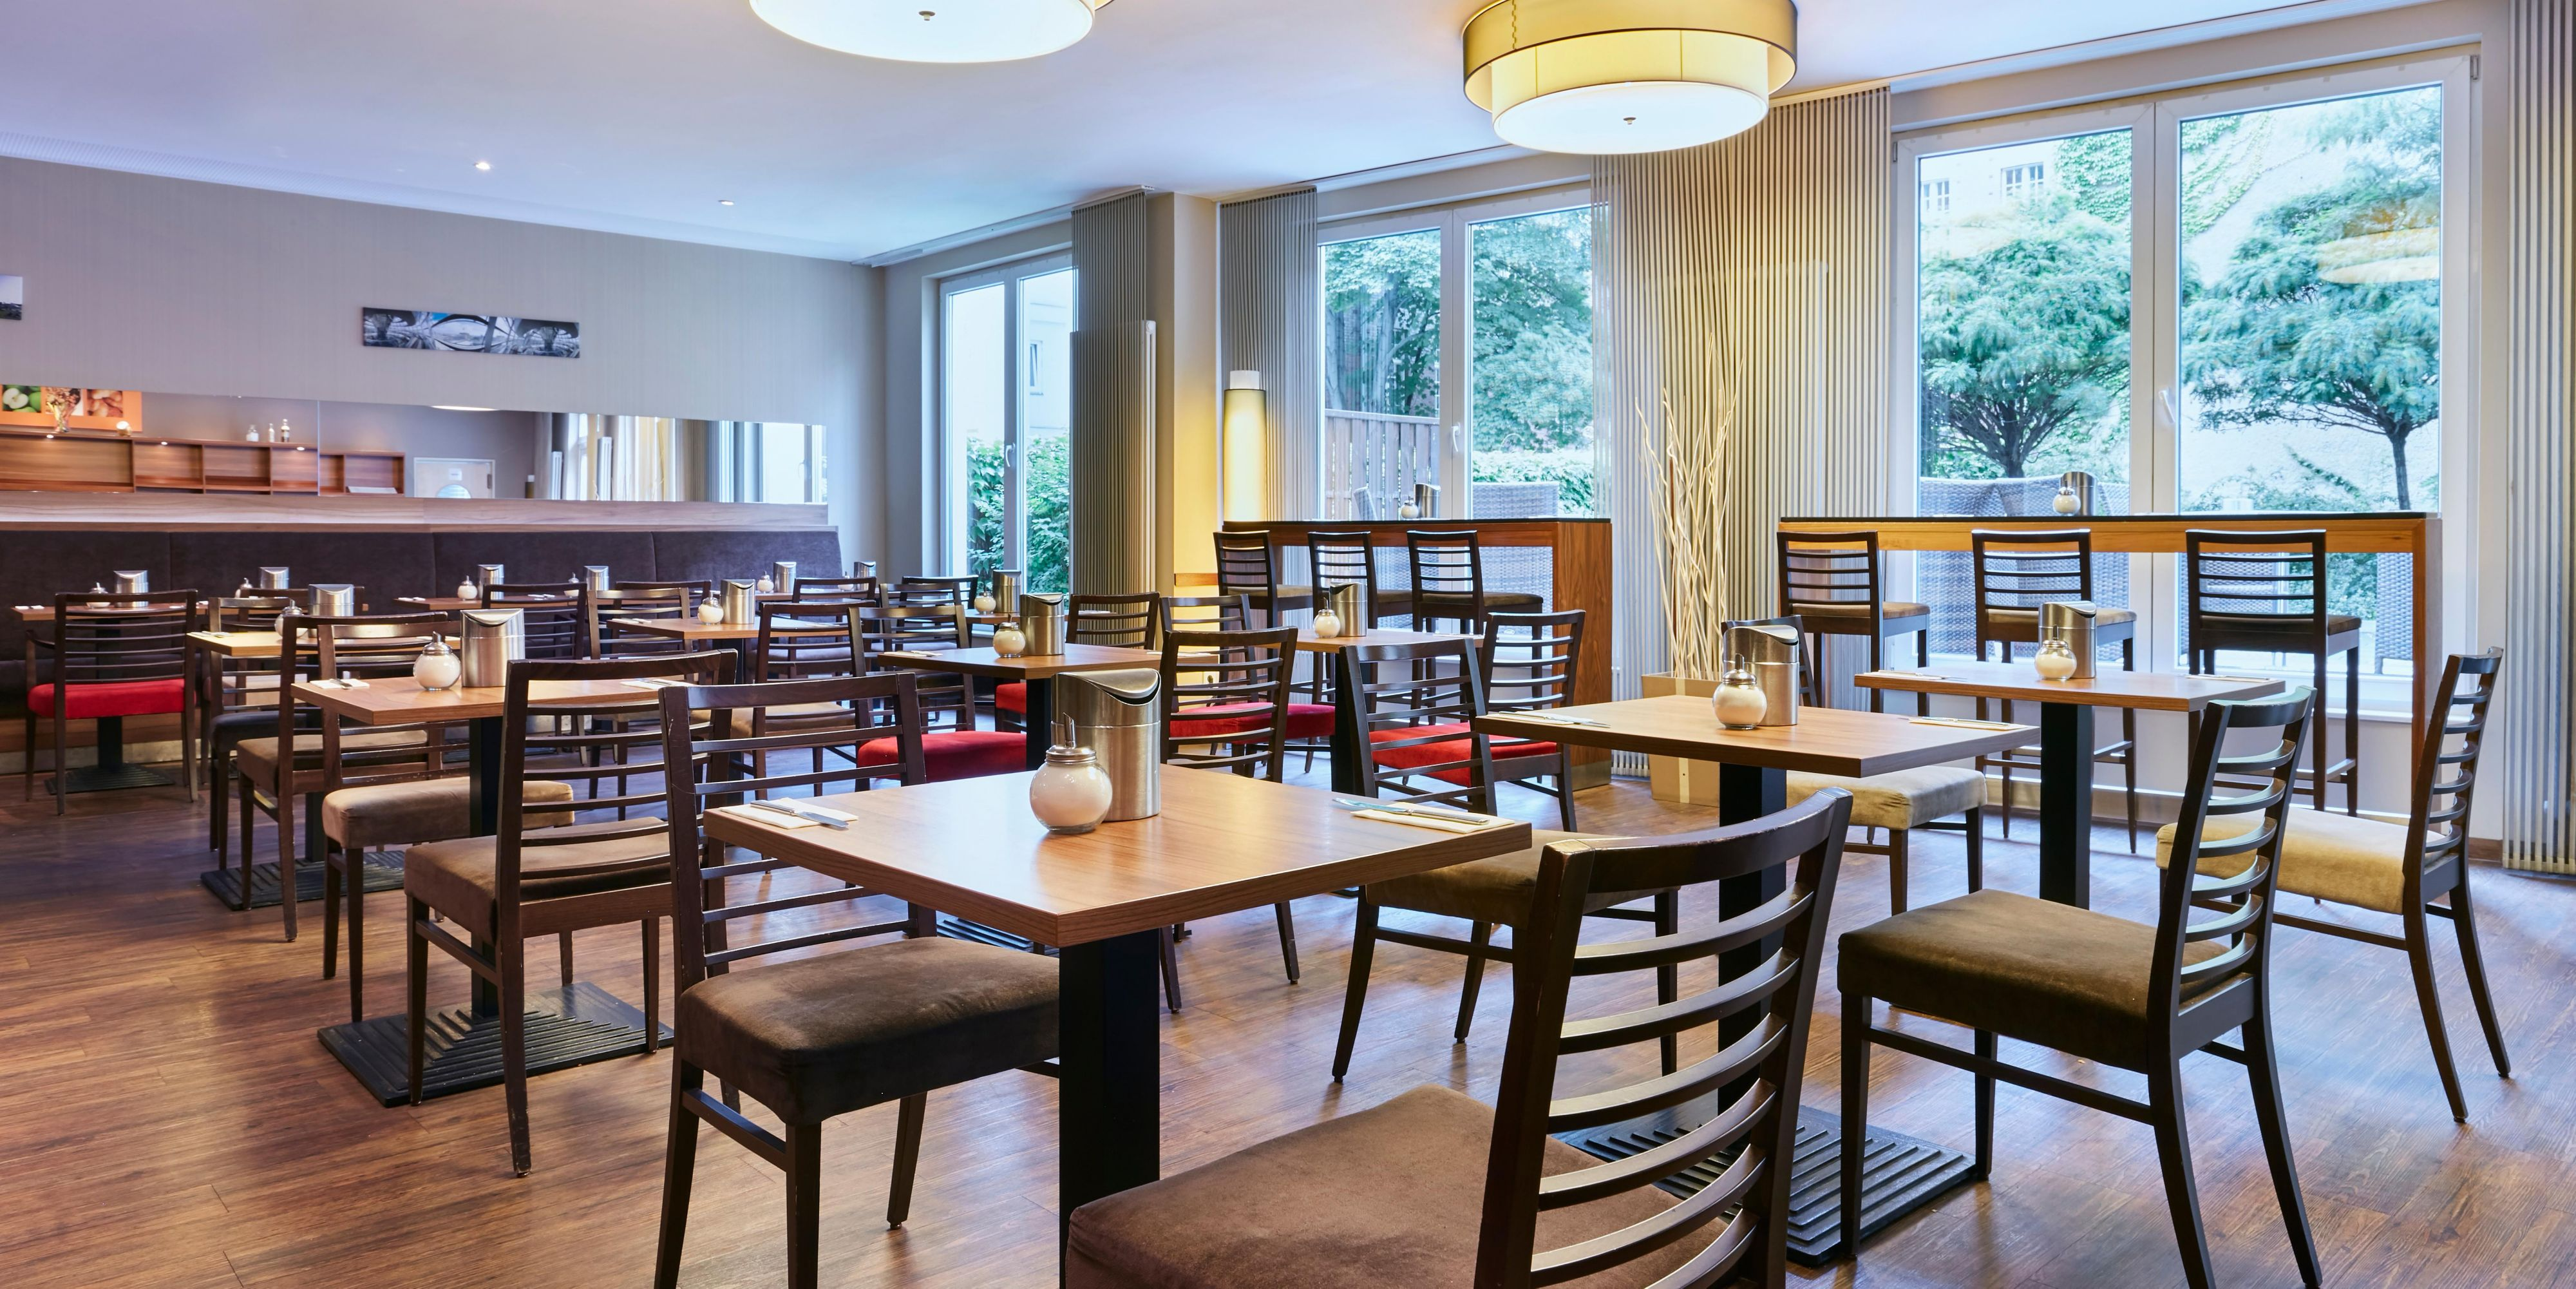 Holiday Inn Express Berlin 5156295617 2x1